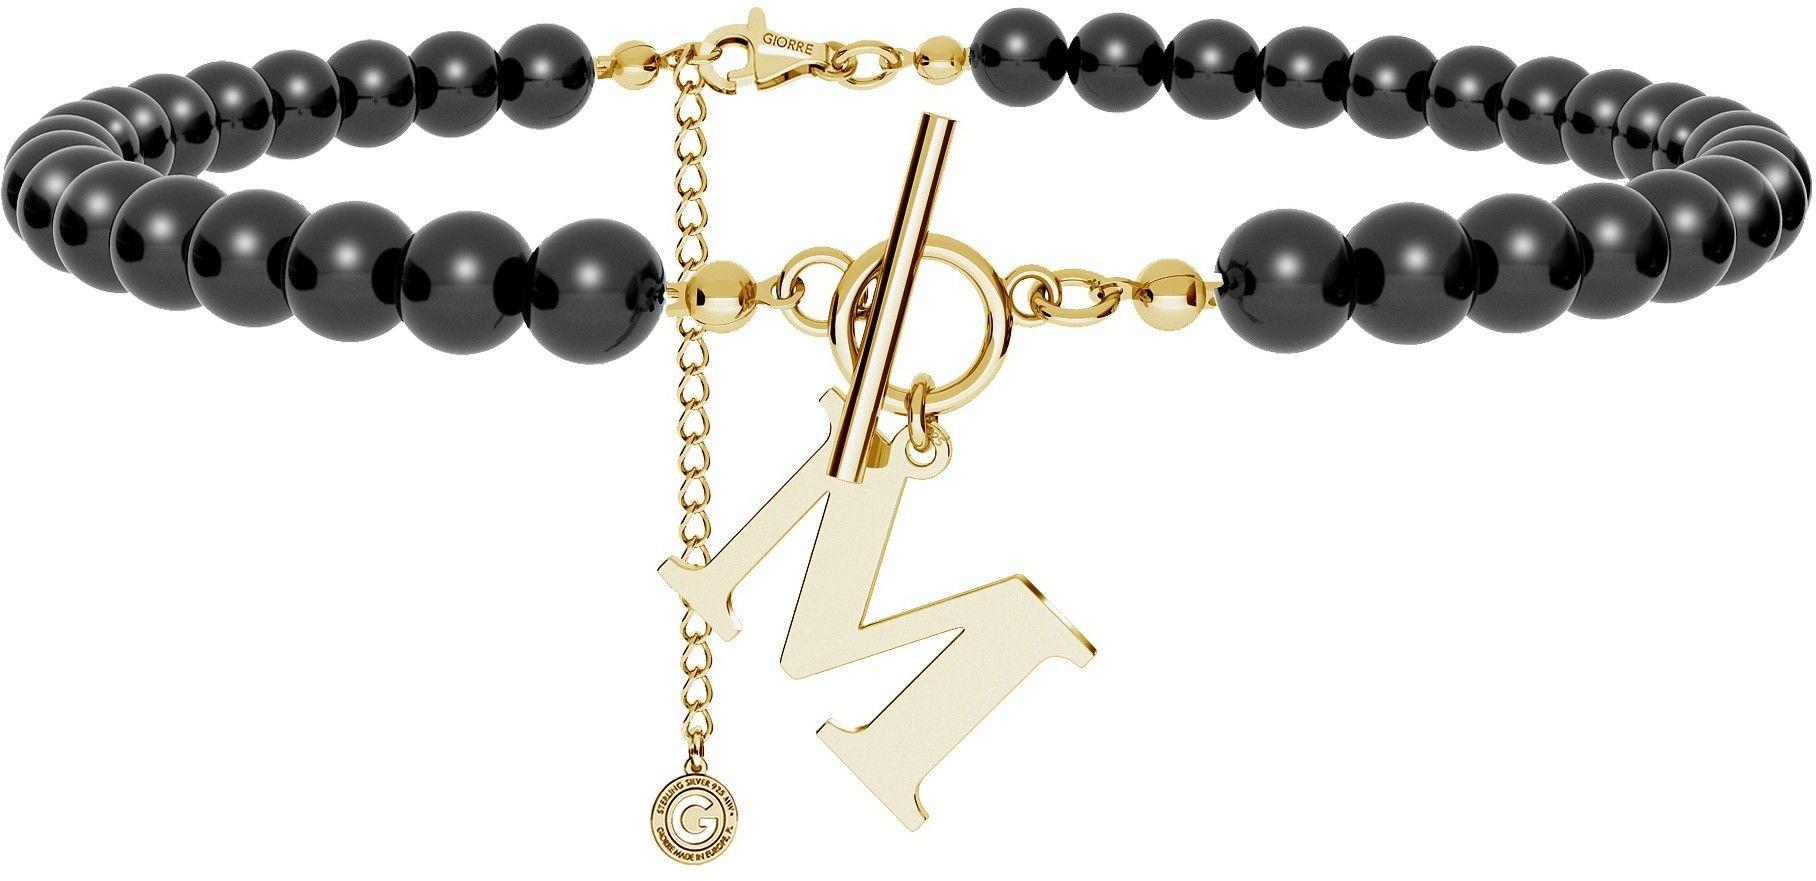 Czarny perłowy choker z dowolną literą, Swarovski, srebro 925 : Litera - Y, Srebro - kolor pokrycia - Pokrycie platyną